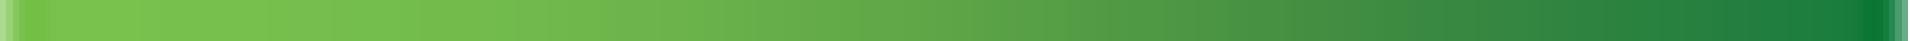 Rango de Color de los Colorantes Naturales Alimentarios con Clorofilas